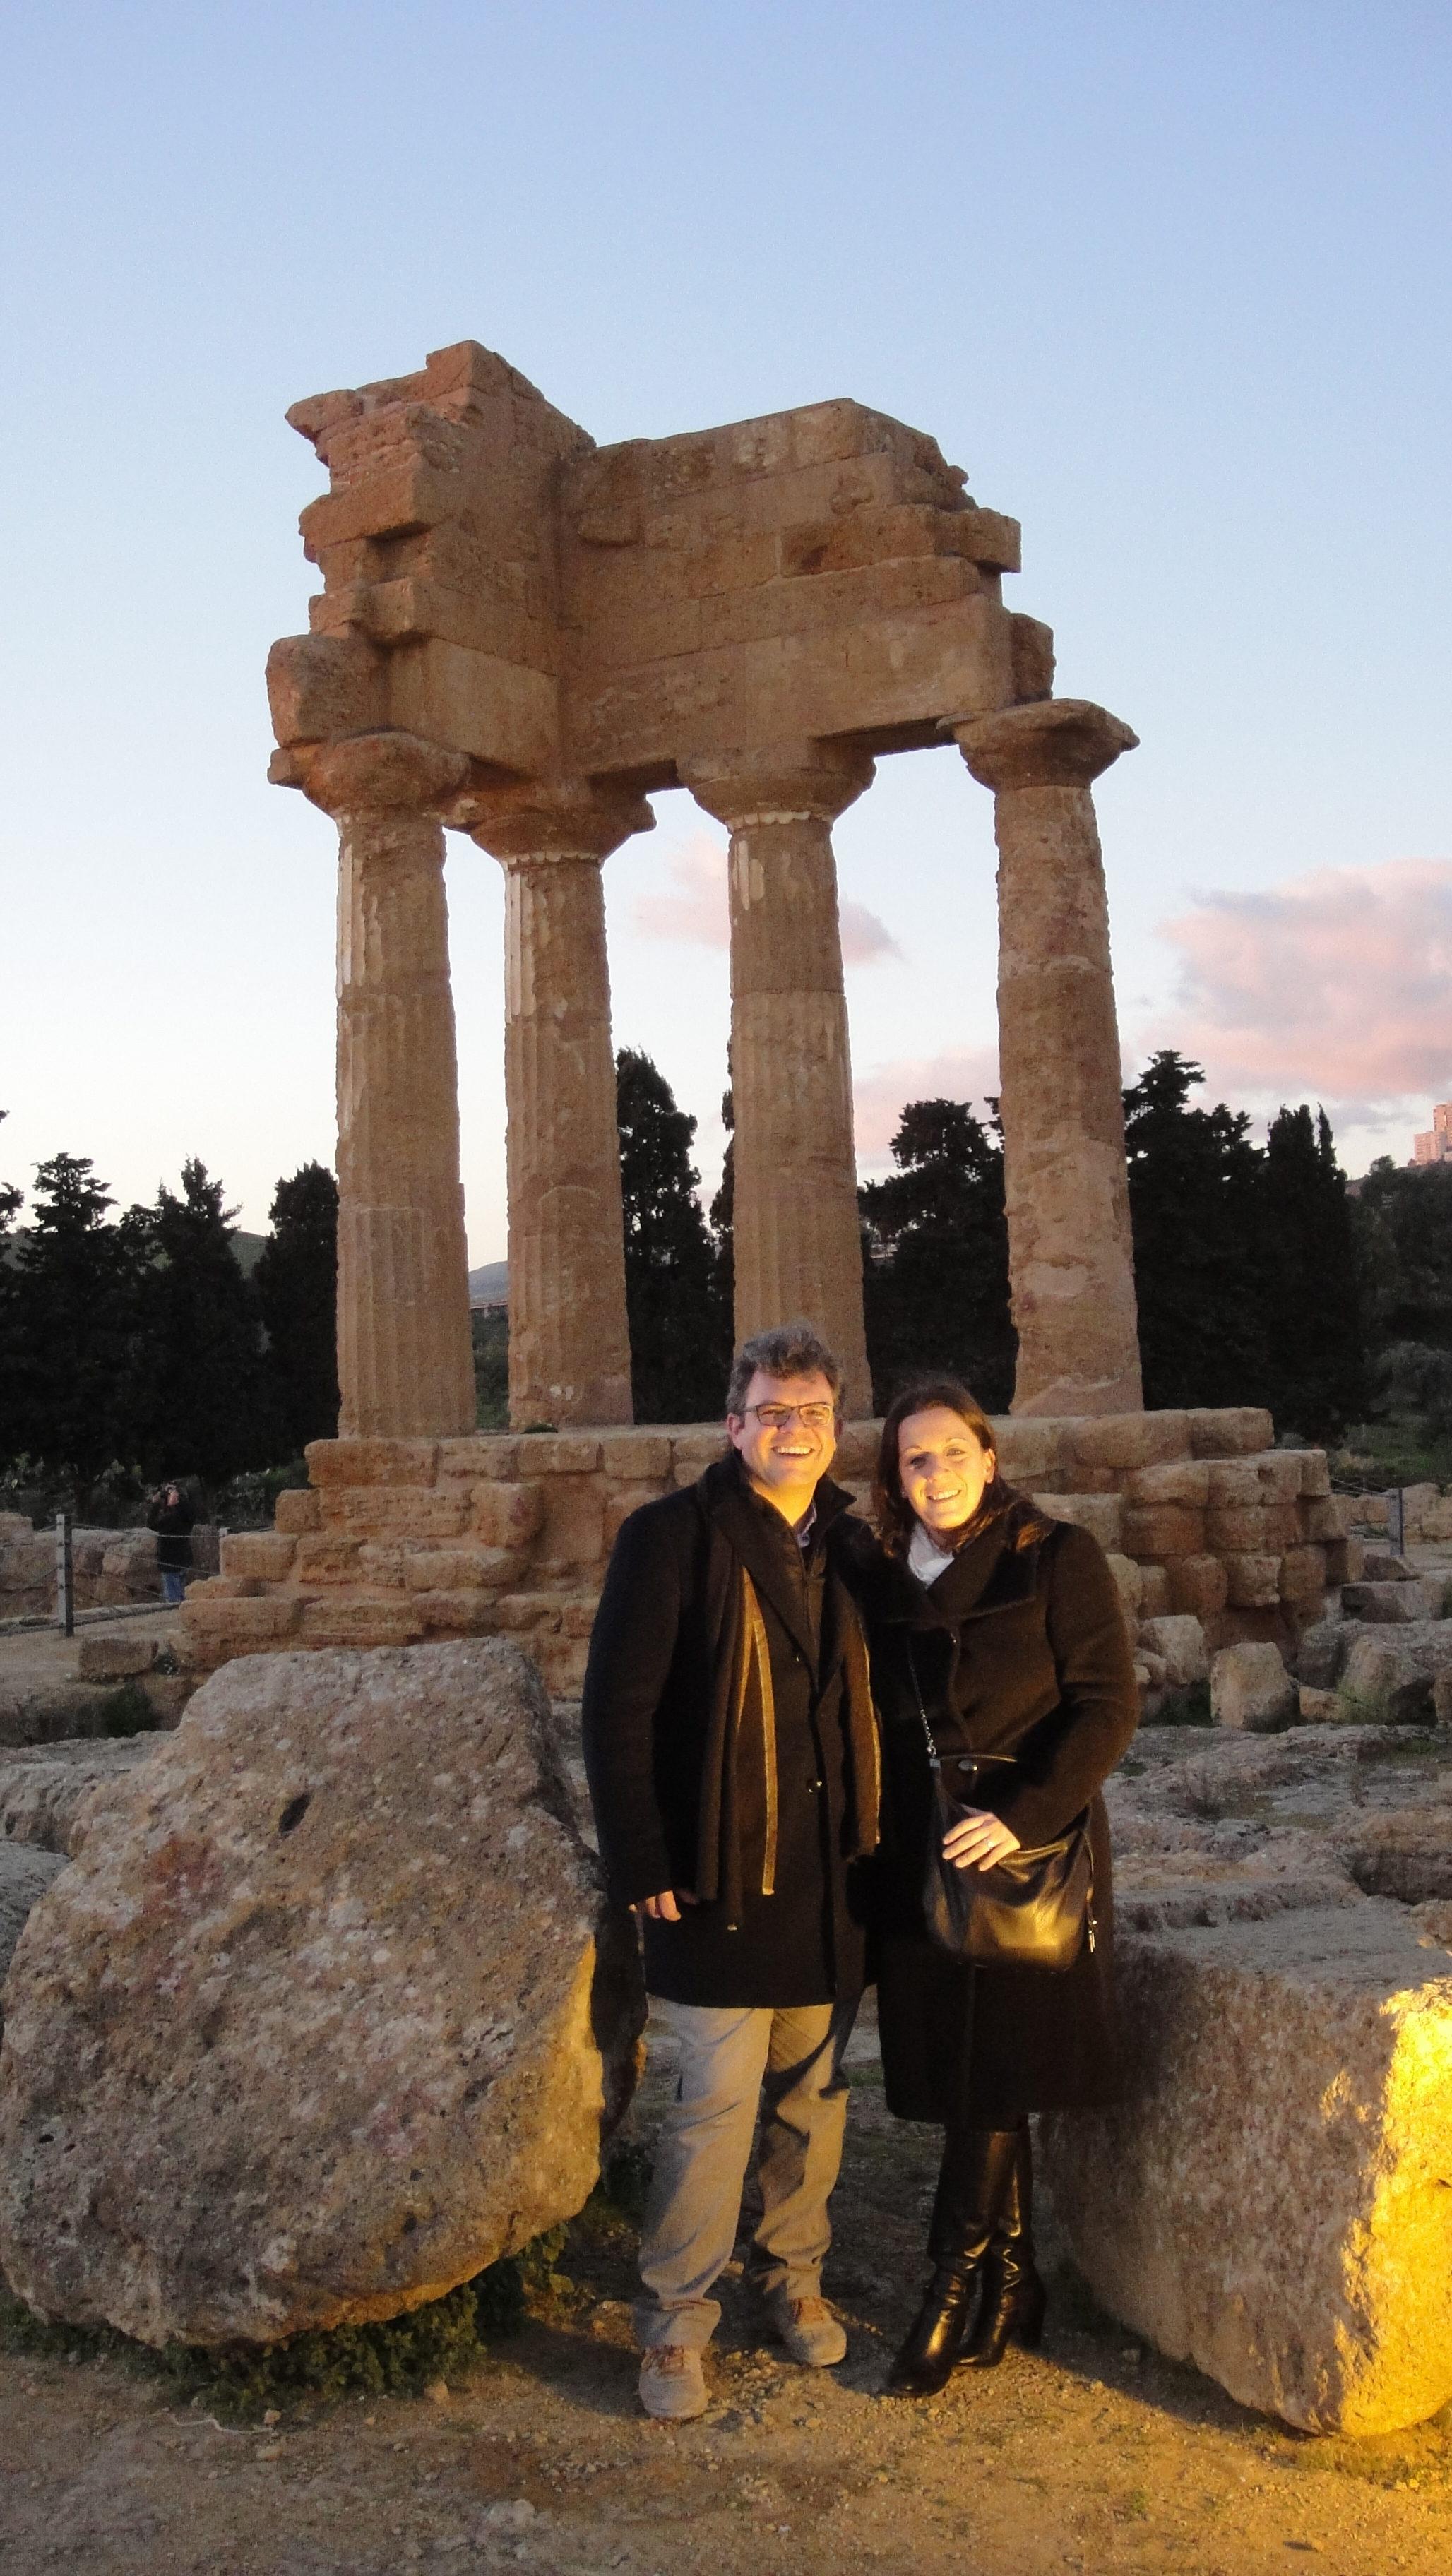 Alla scoperta dell'inverno siciliano, Agrigento - dicembre 2012